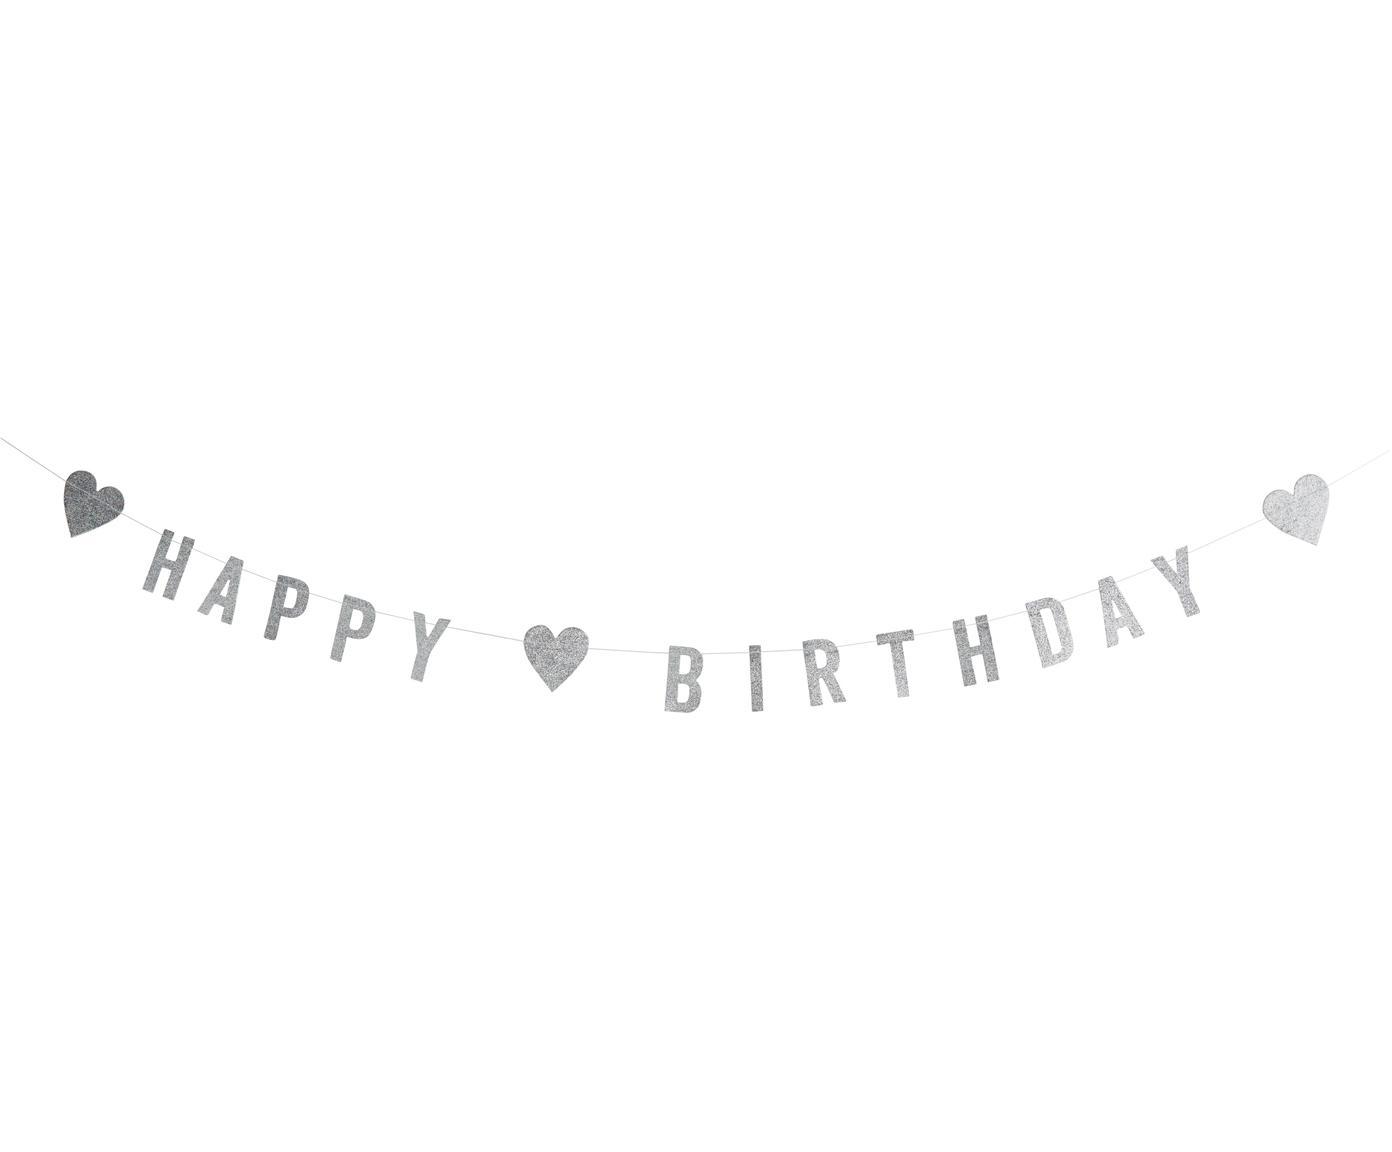 Guirnalda de papel Happy Birthday, Papel, algodón, Acero inoxidable, L 100 cm